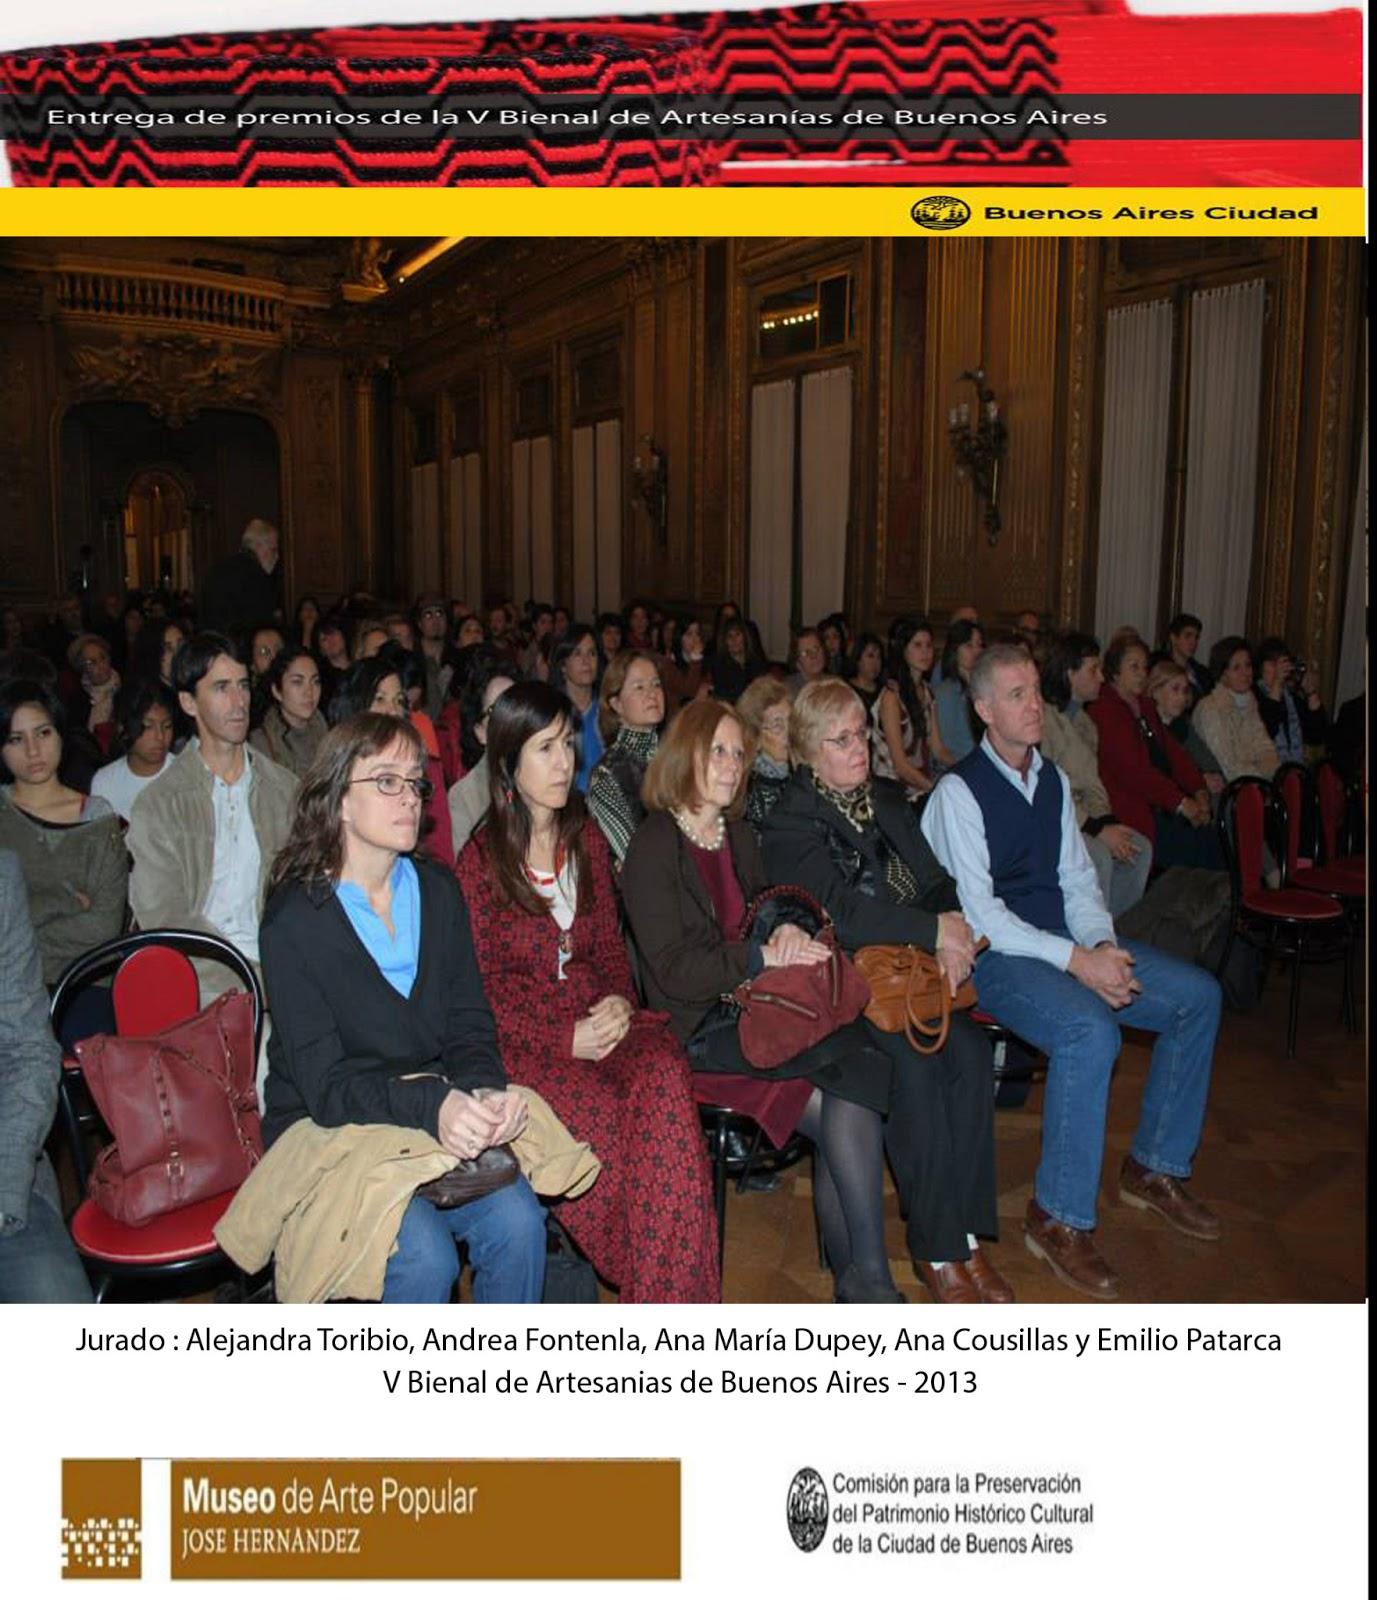 V BIENAL DE ARTESANIAS DE BUENOS AIRES 2013